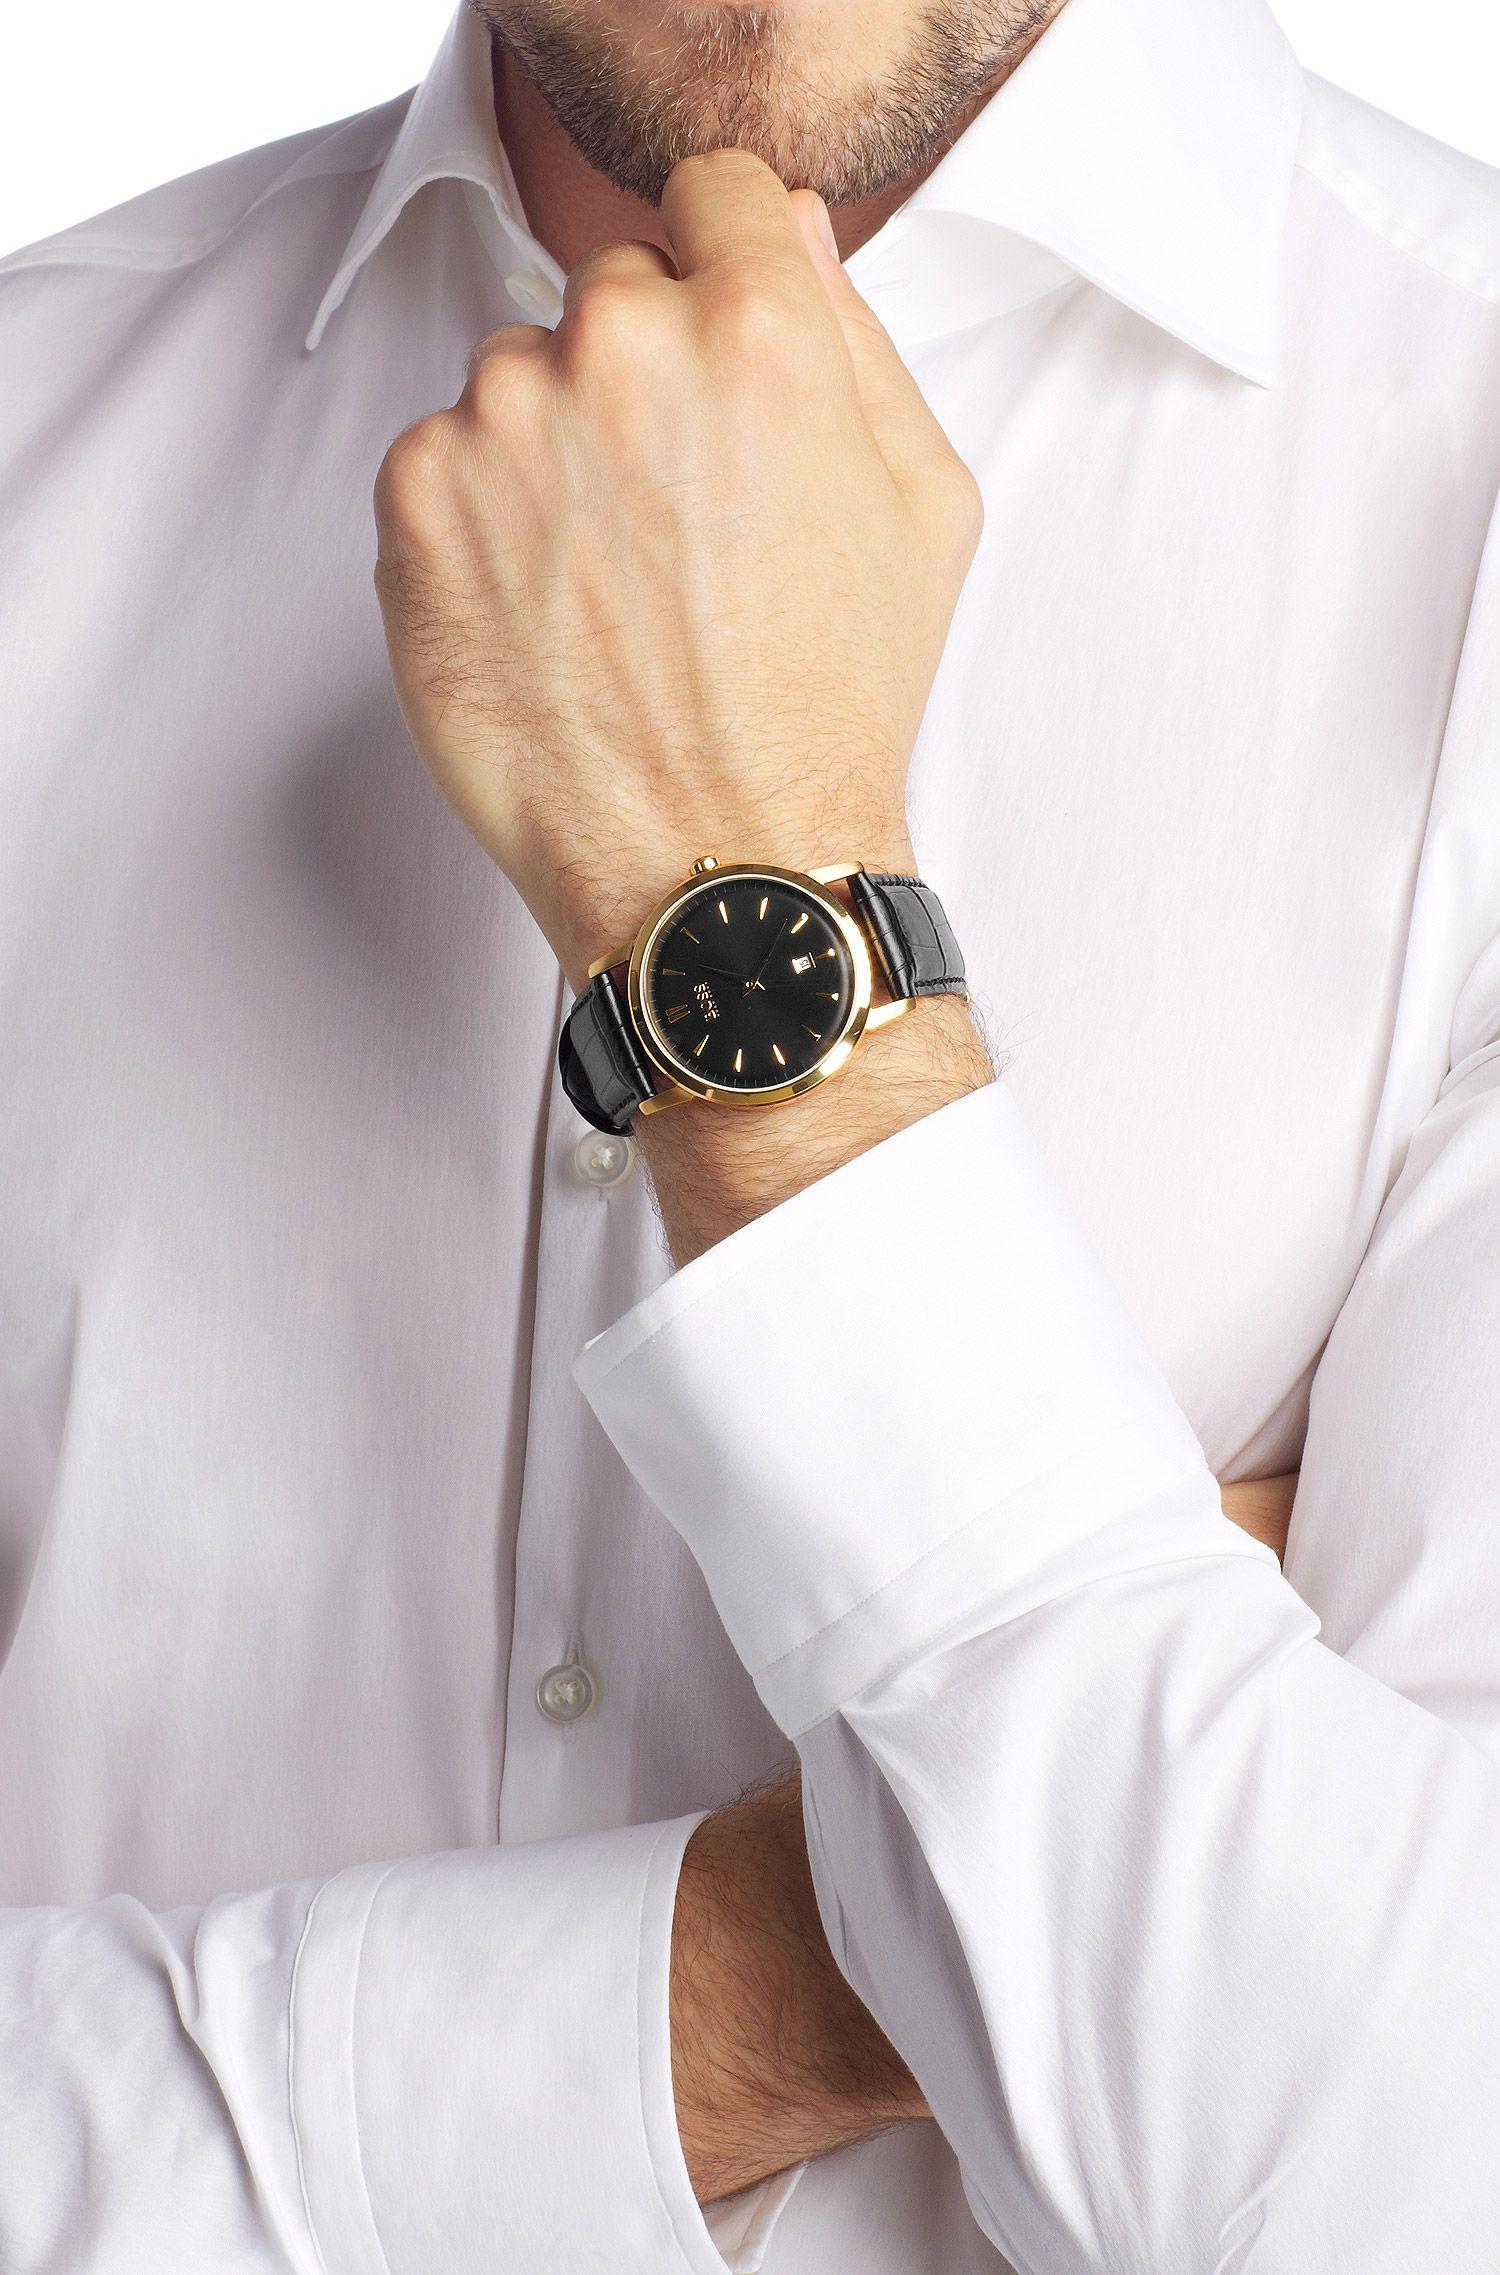 Montre homme à bracelet en cuir, HB1013